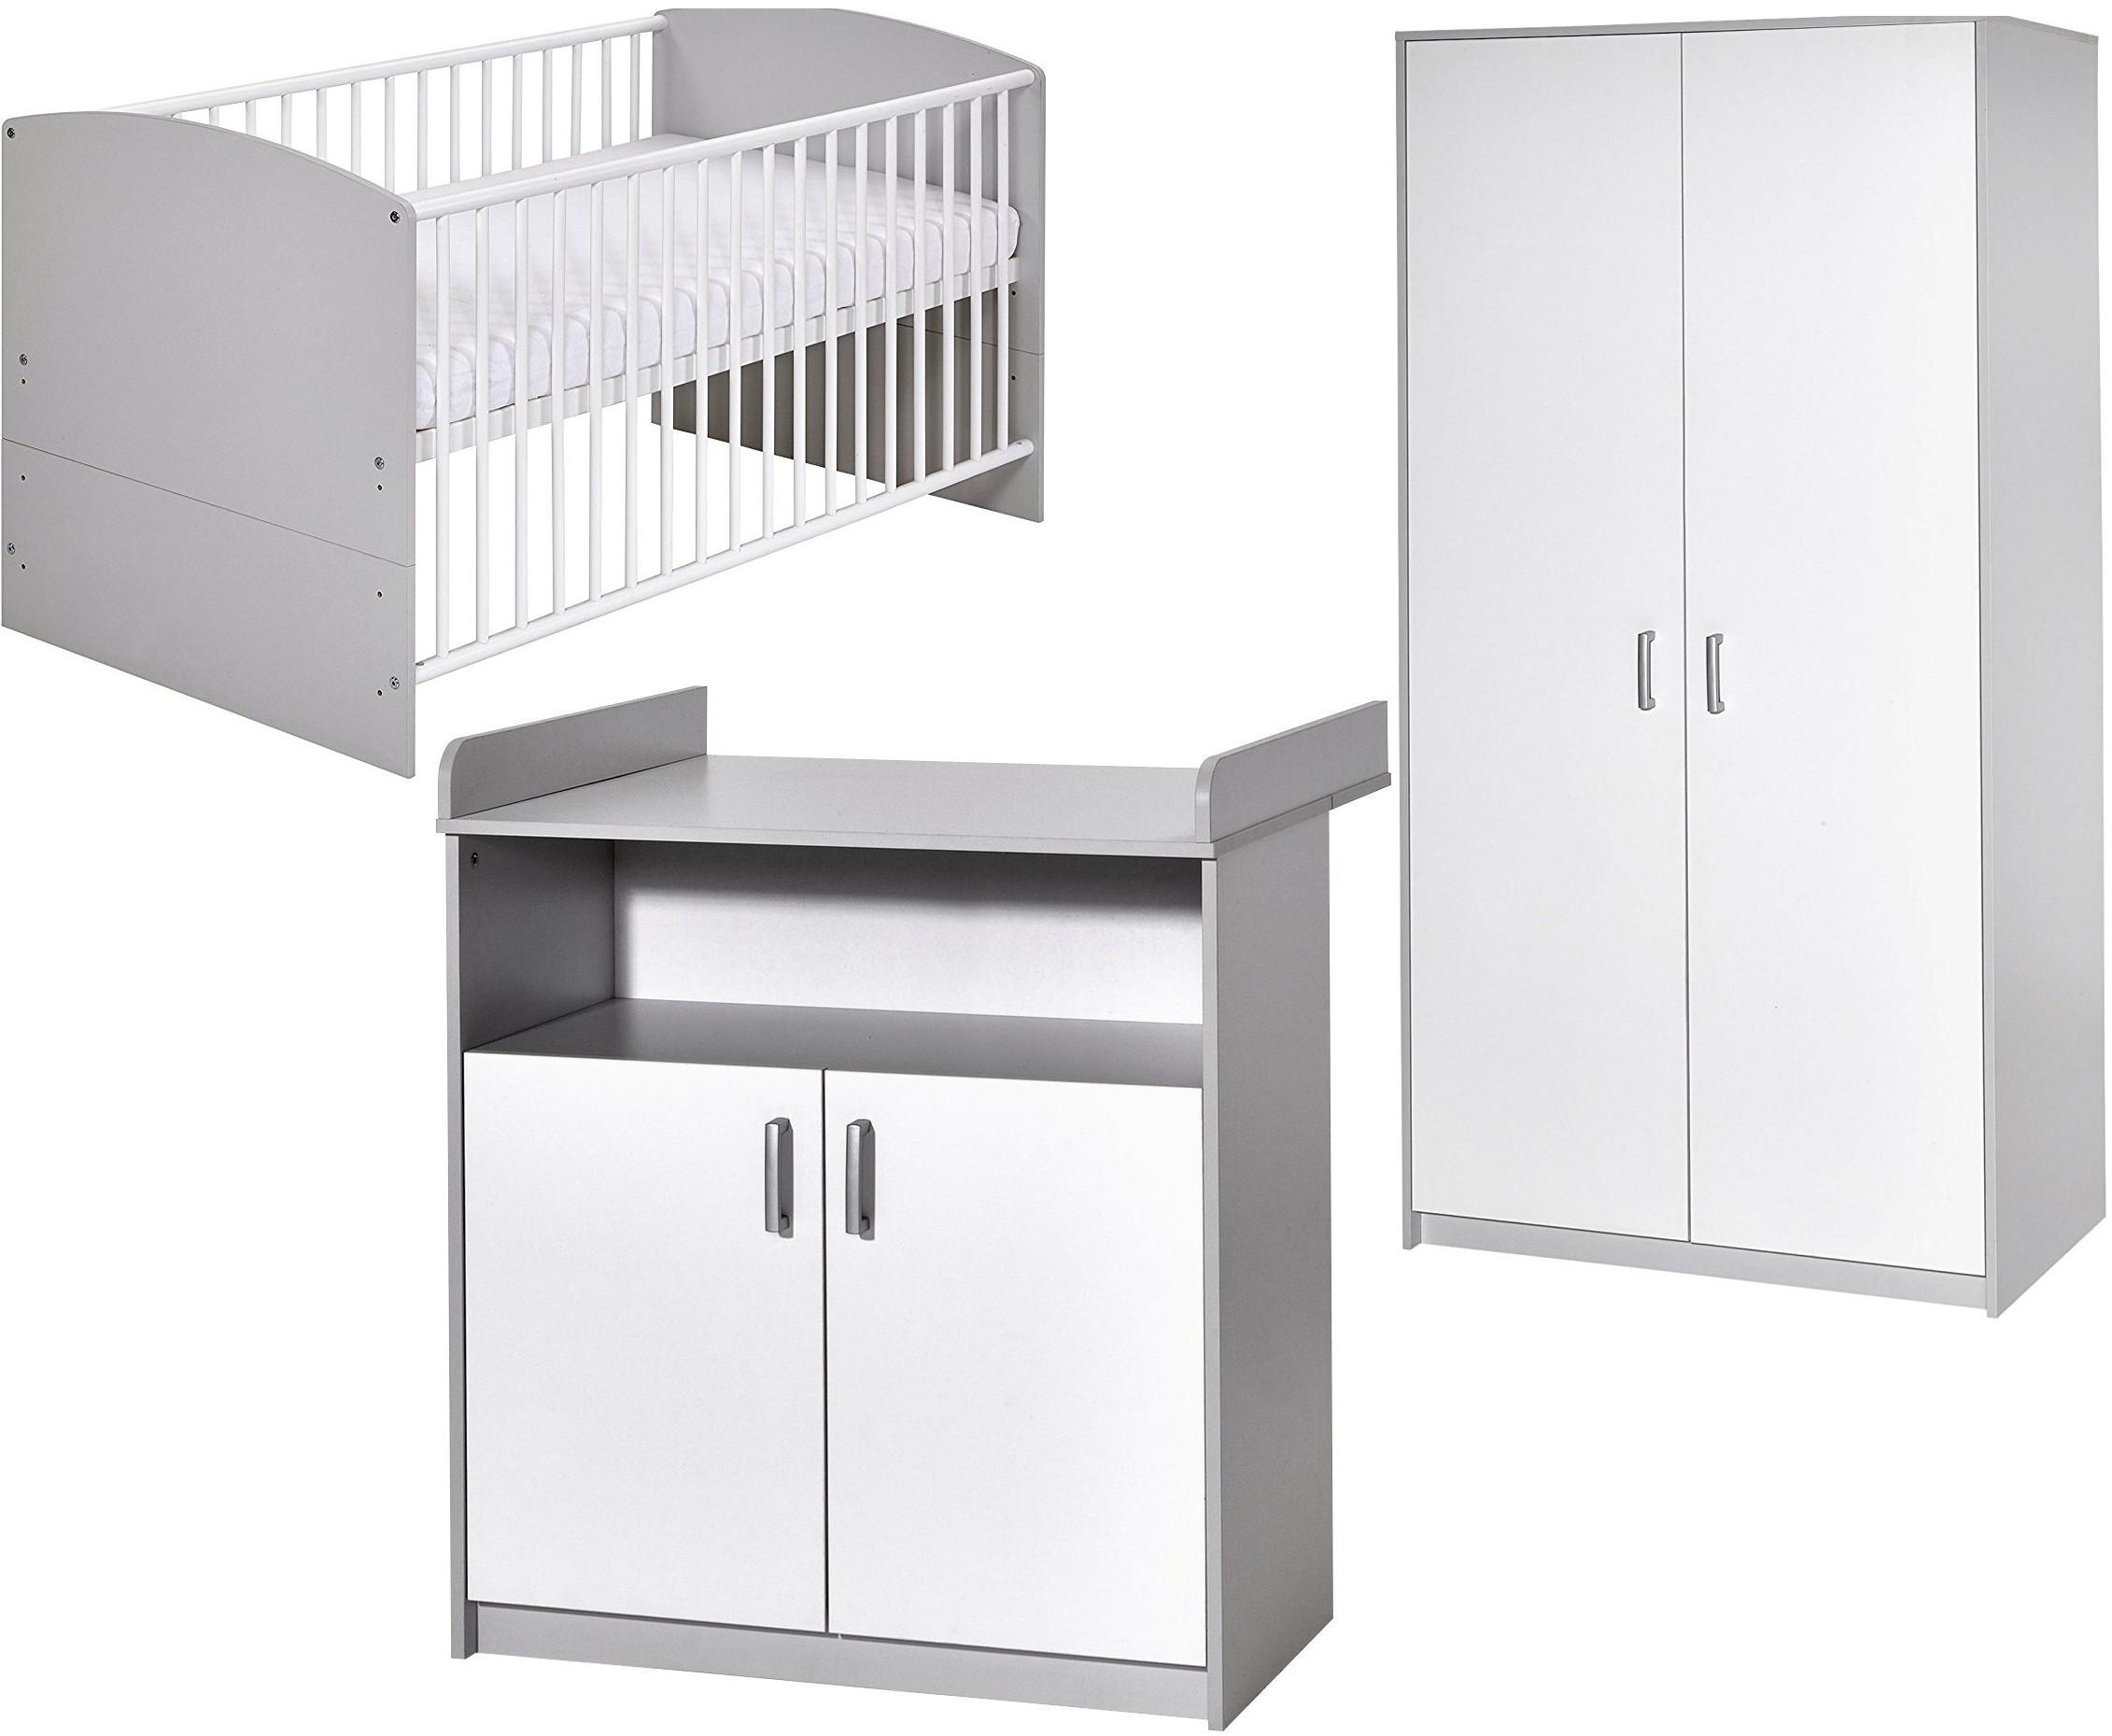 Chambre compl te gris et blanc classic grey 70 - Chambre gris et blanc ...